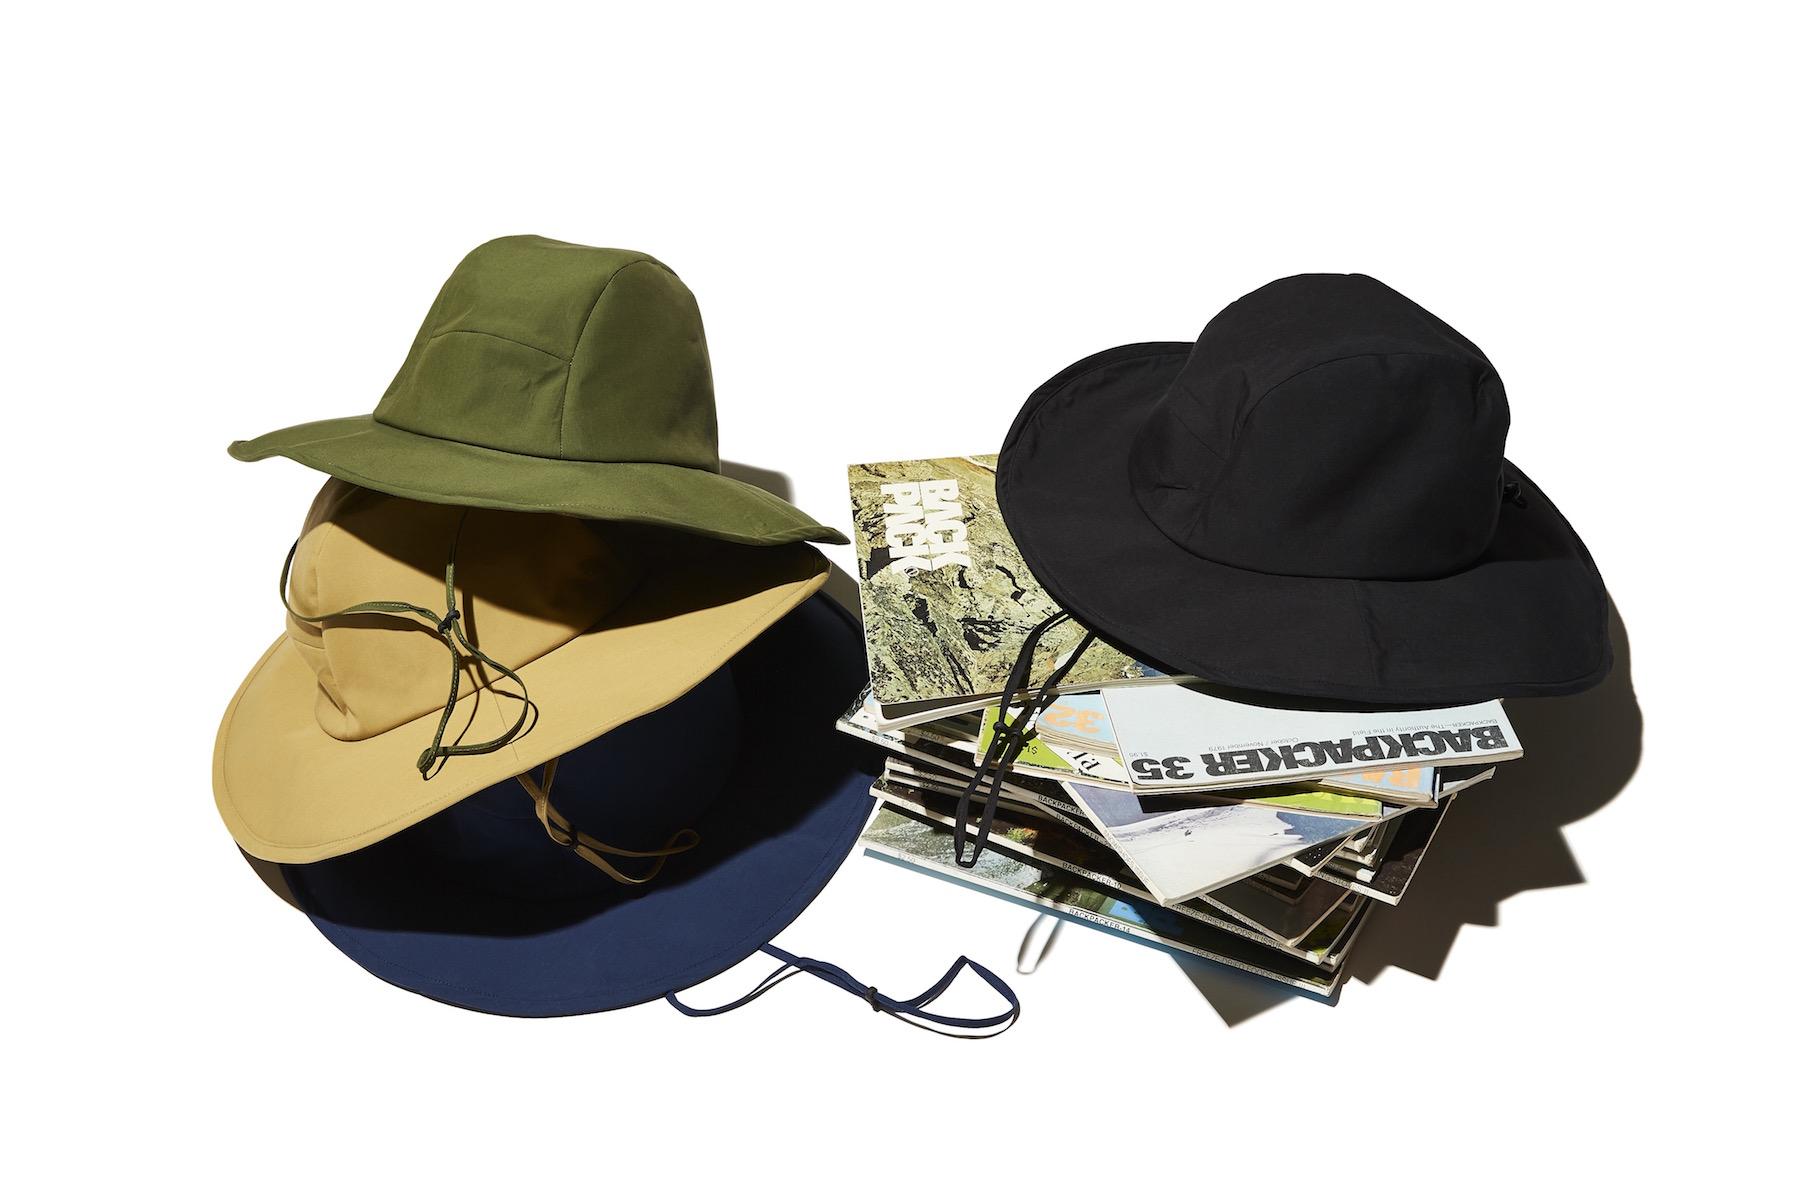 f-ce キャンプ、山、フェスコーデにも使える!2017年おすすめアウトドアブランドの用途別帽子14選!